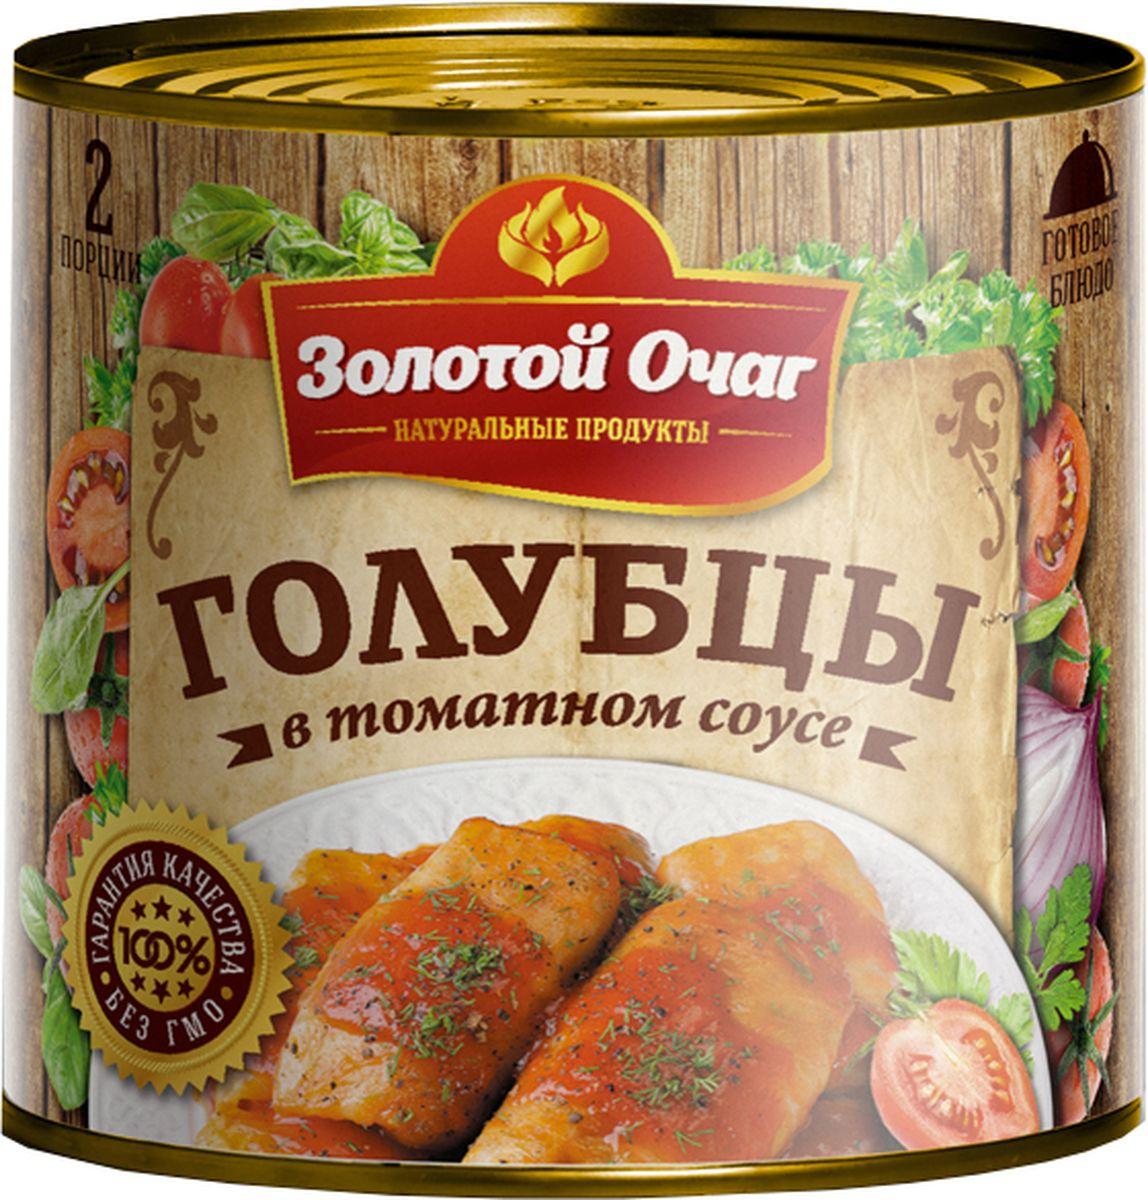 Золотой Очаг голубцы фаршированные c мясом и рисом, 540 г0120710Продукт готов к употреблению. Перед употреблением рекомендуется разогреть.